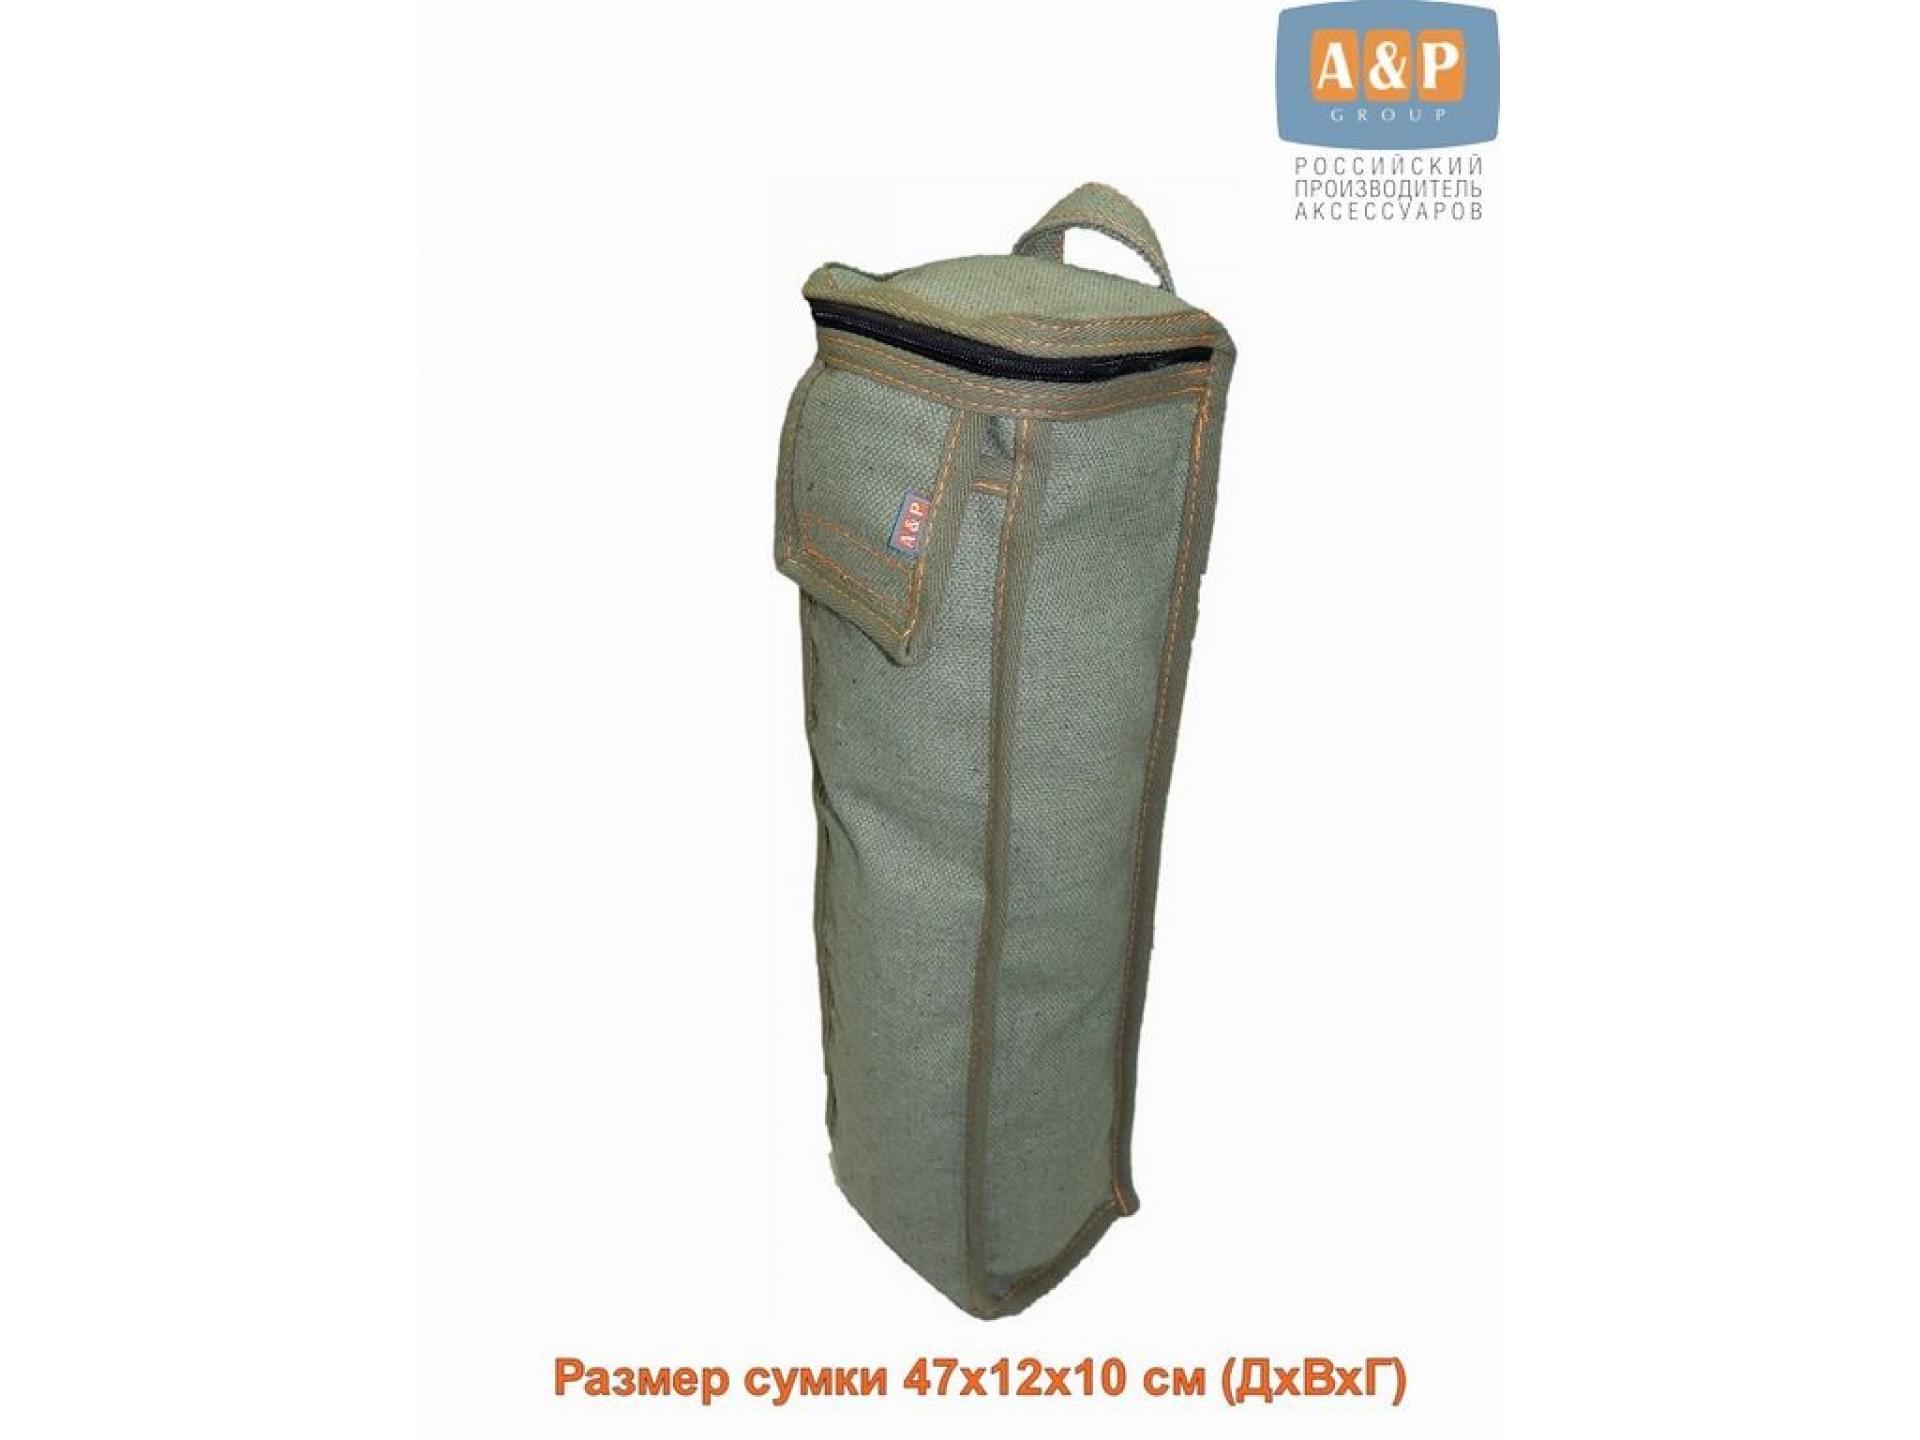 Сумка для домкрата или ножного насоса. Размеры 47х12х10 см. Материал – брезент.